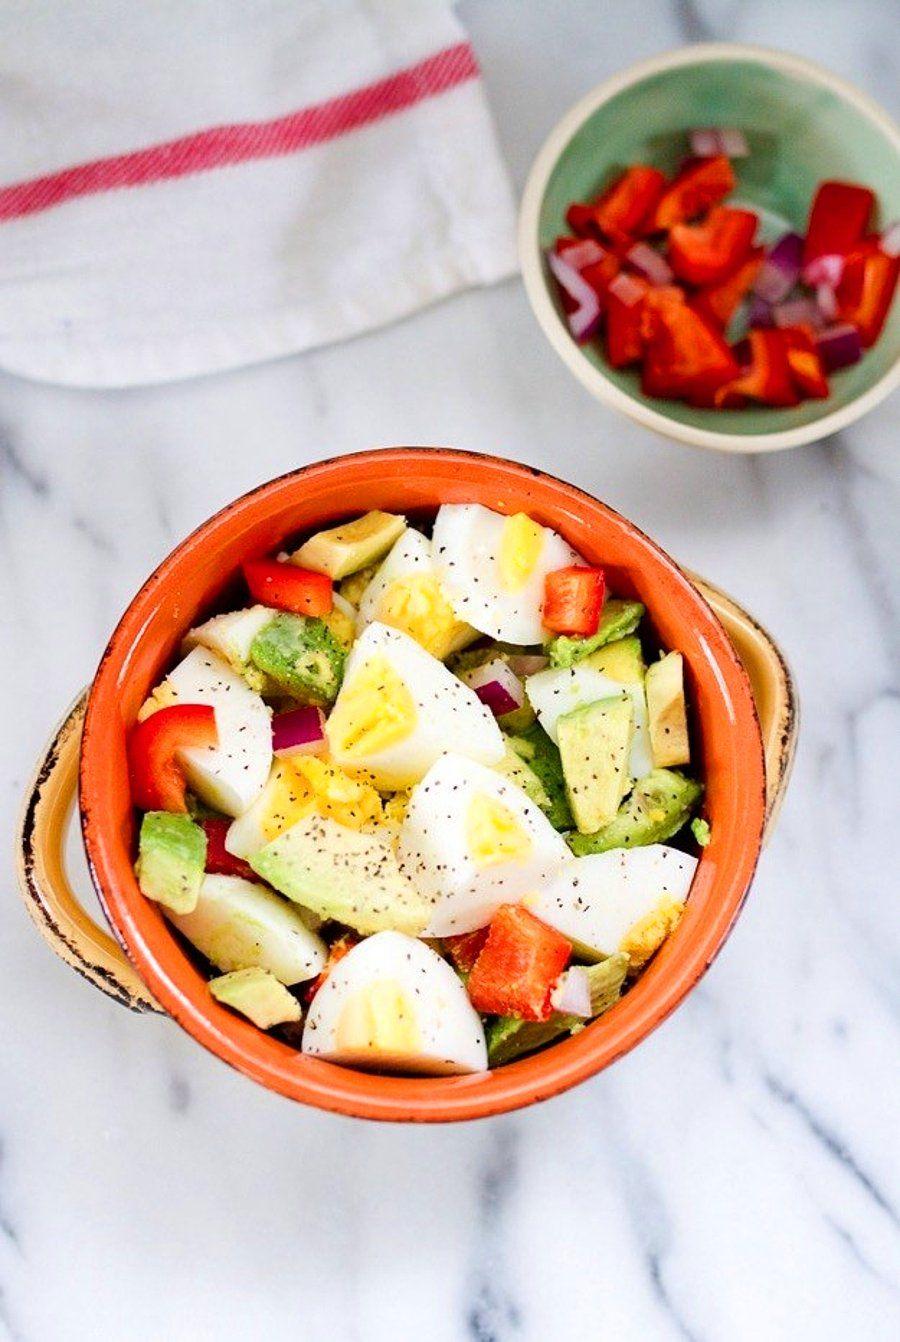 Spor Yapanlara Müjde! Yapması Kolay Kalorisi Düşük Parmak Yedirten 13 Atıştırmalık